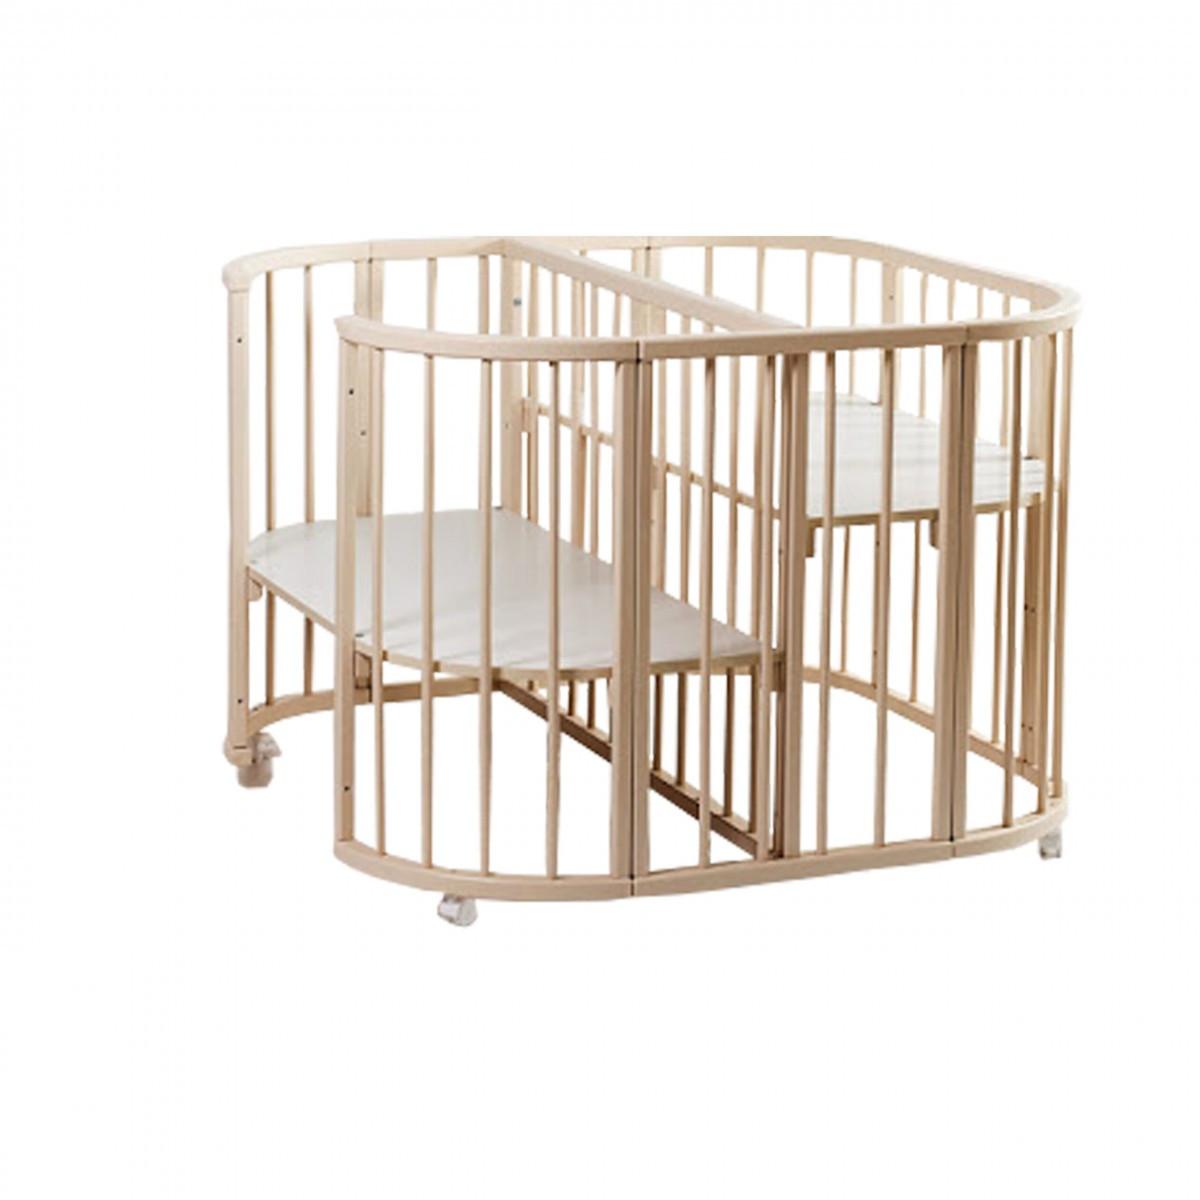 Ліжко Twins для двійні 110х110, слонова кістка, бежевий